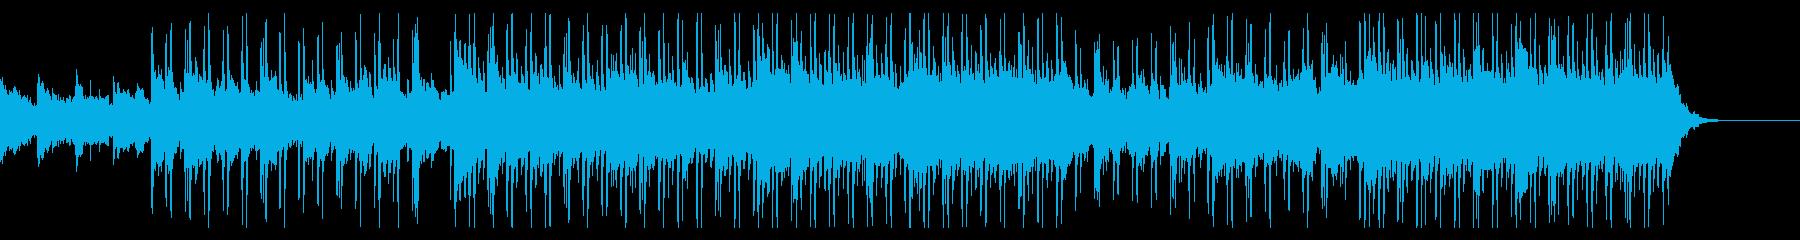 ディスコ レトロ テクノロジー 低...の再生済みの波形